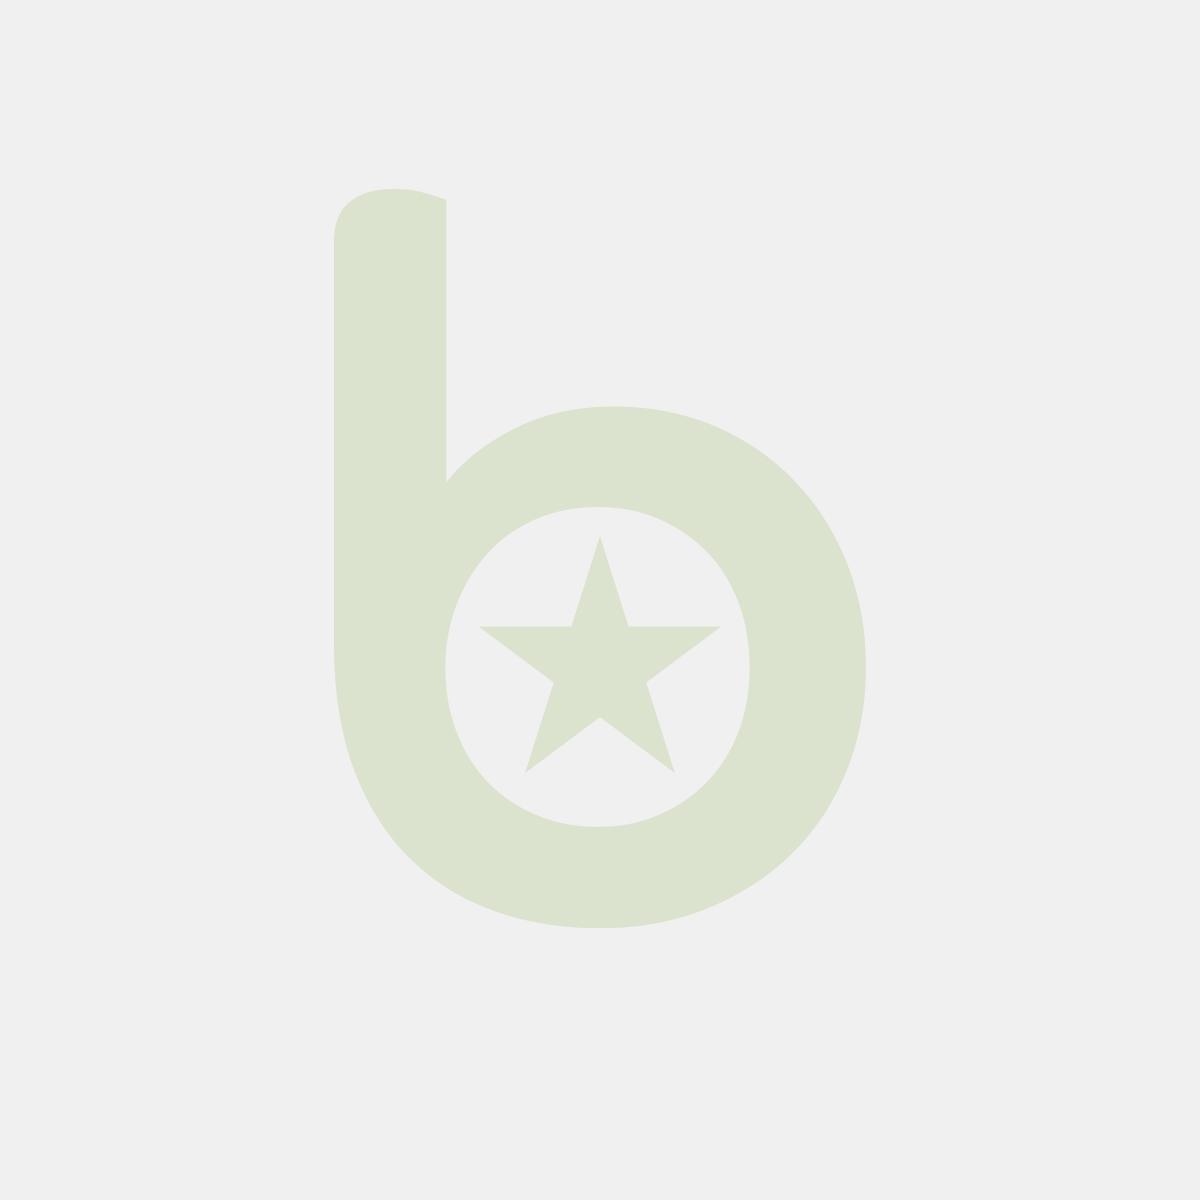 Talerzyk FINGERFOOD czarny , 6,5/6,5 cm PS, 25szt. w opakowaniu